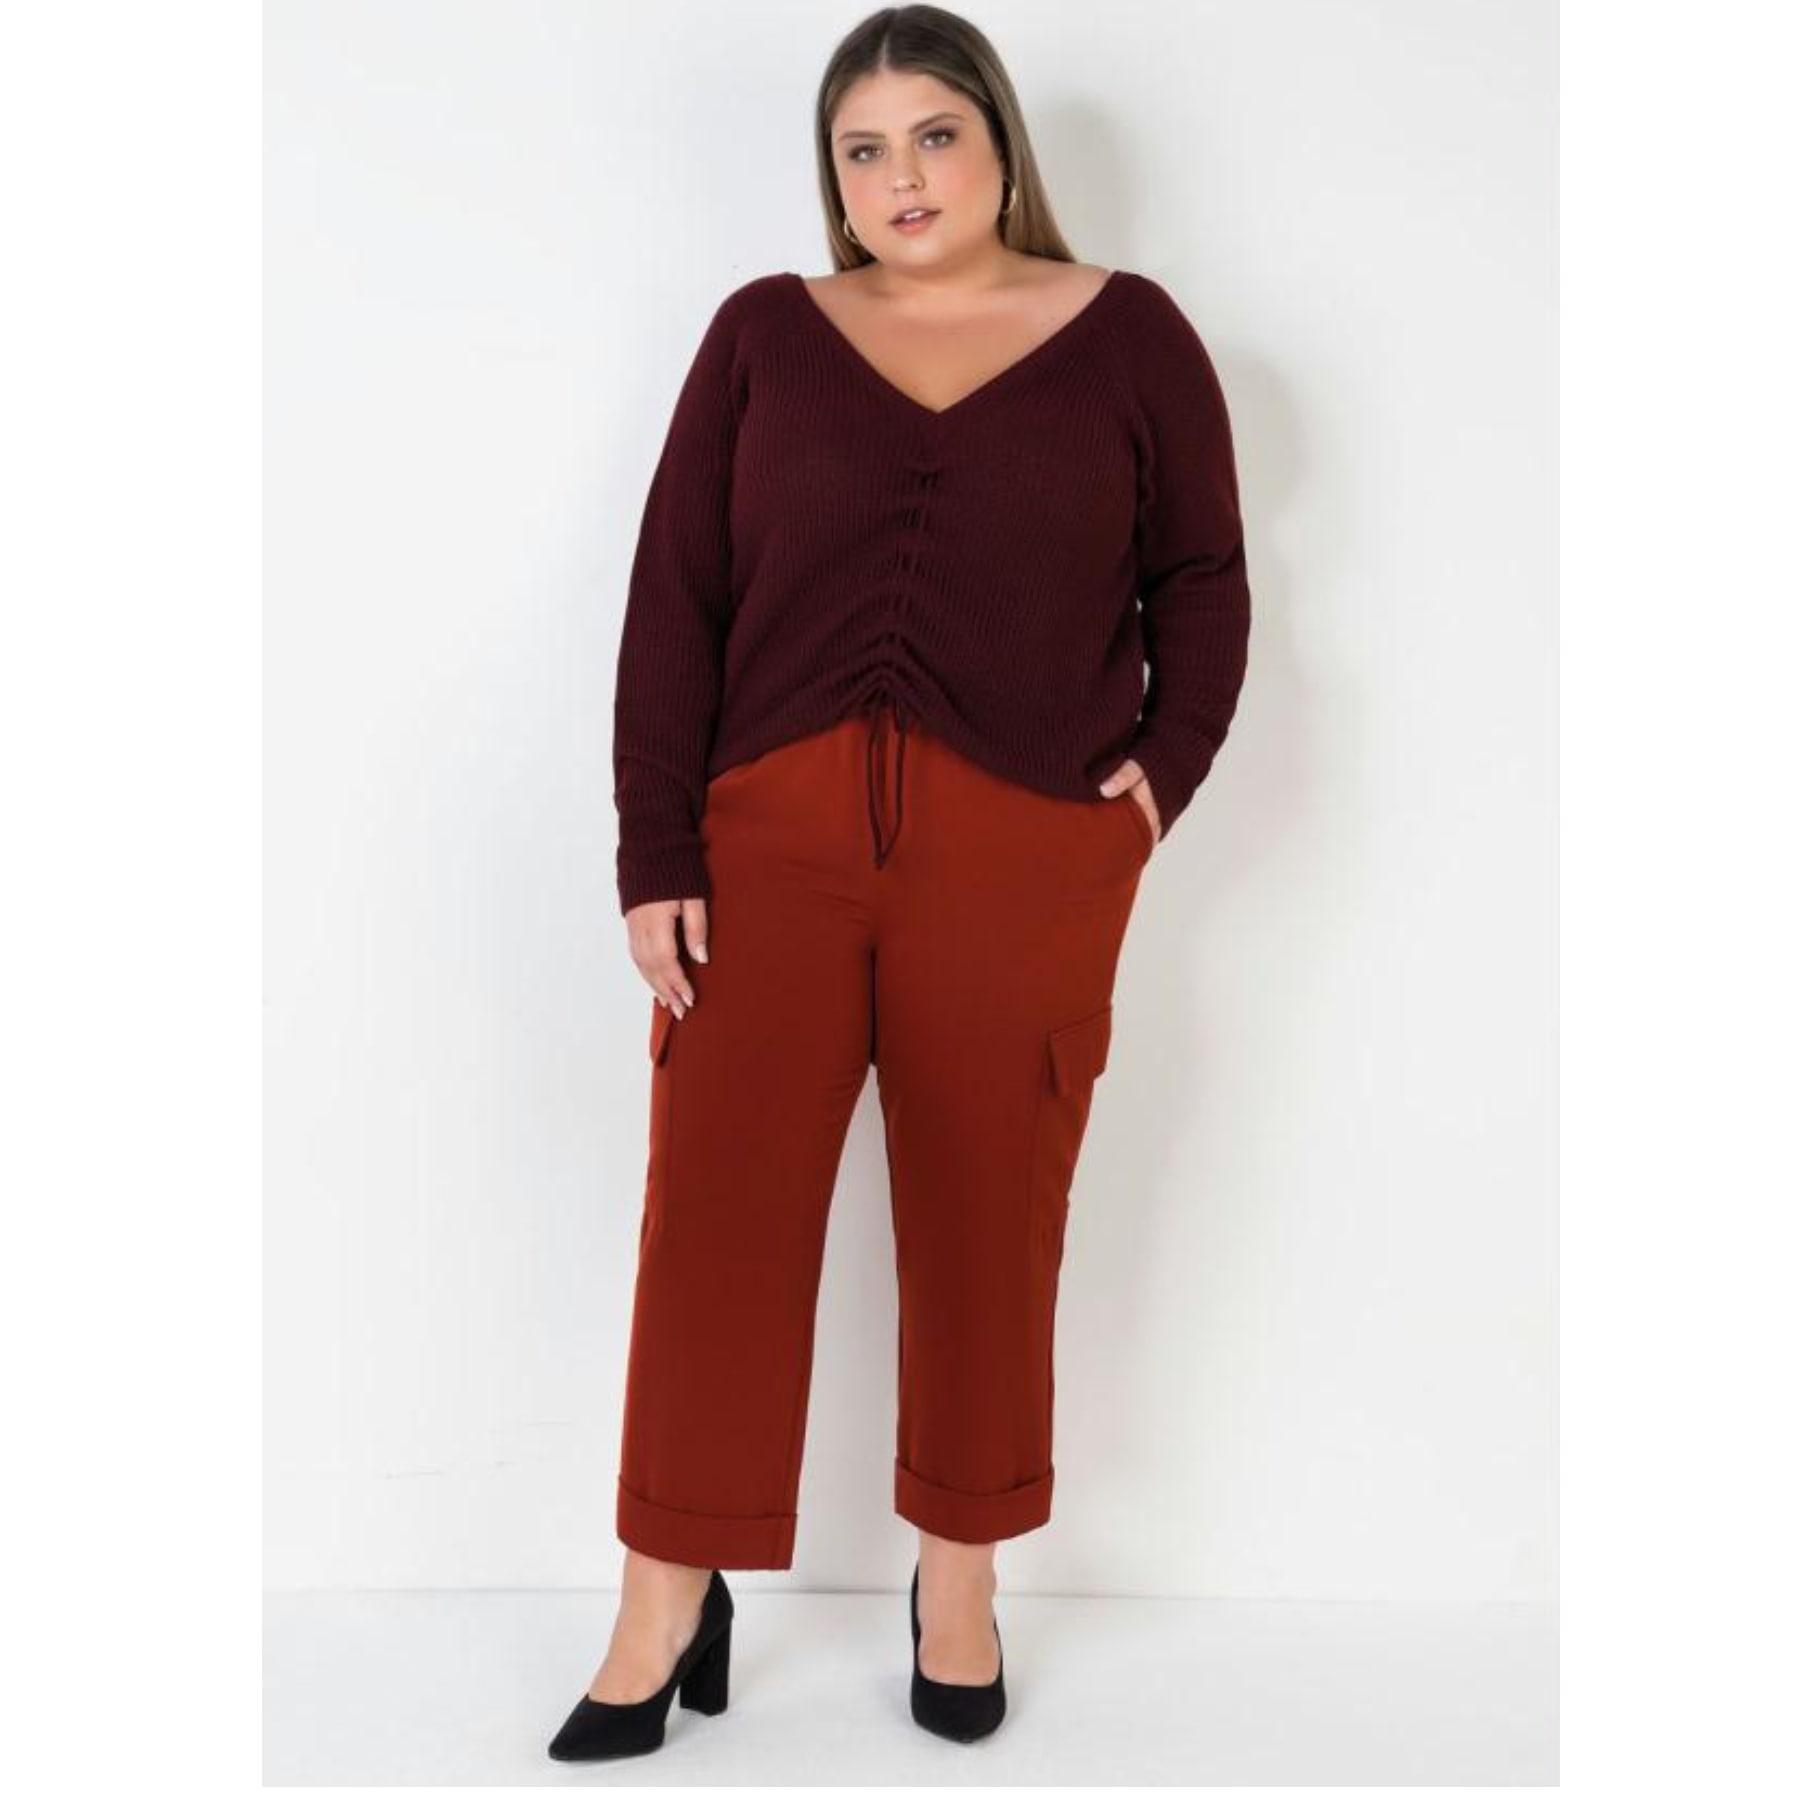 Calça Feminino Plus Size com Cinto Marrom